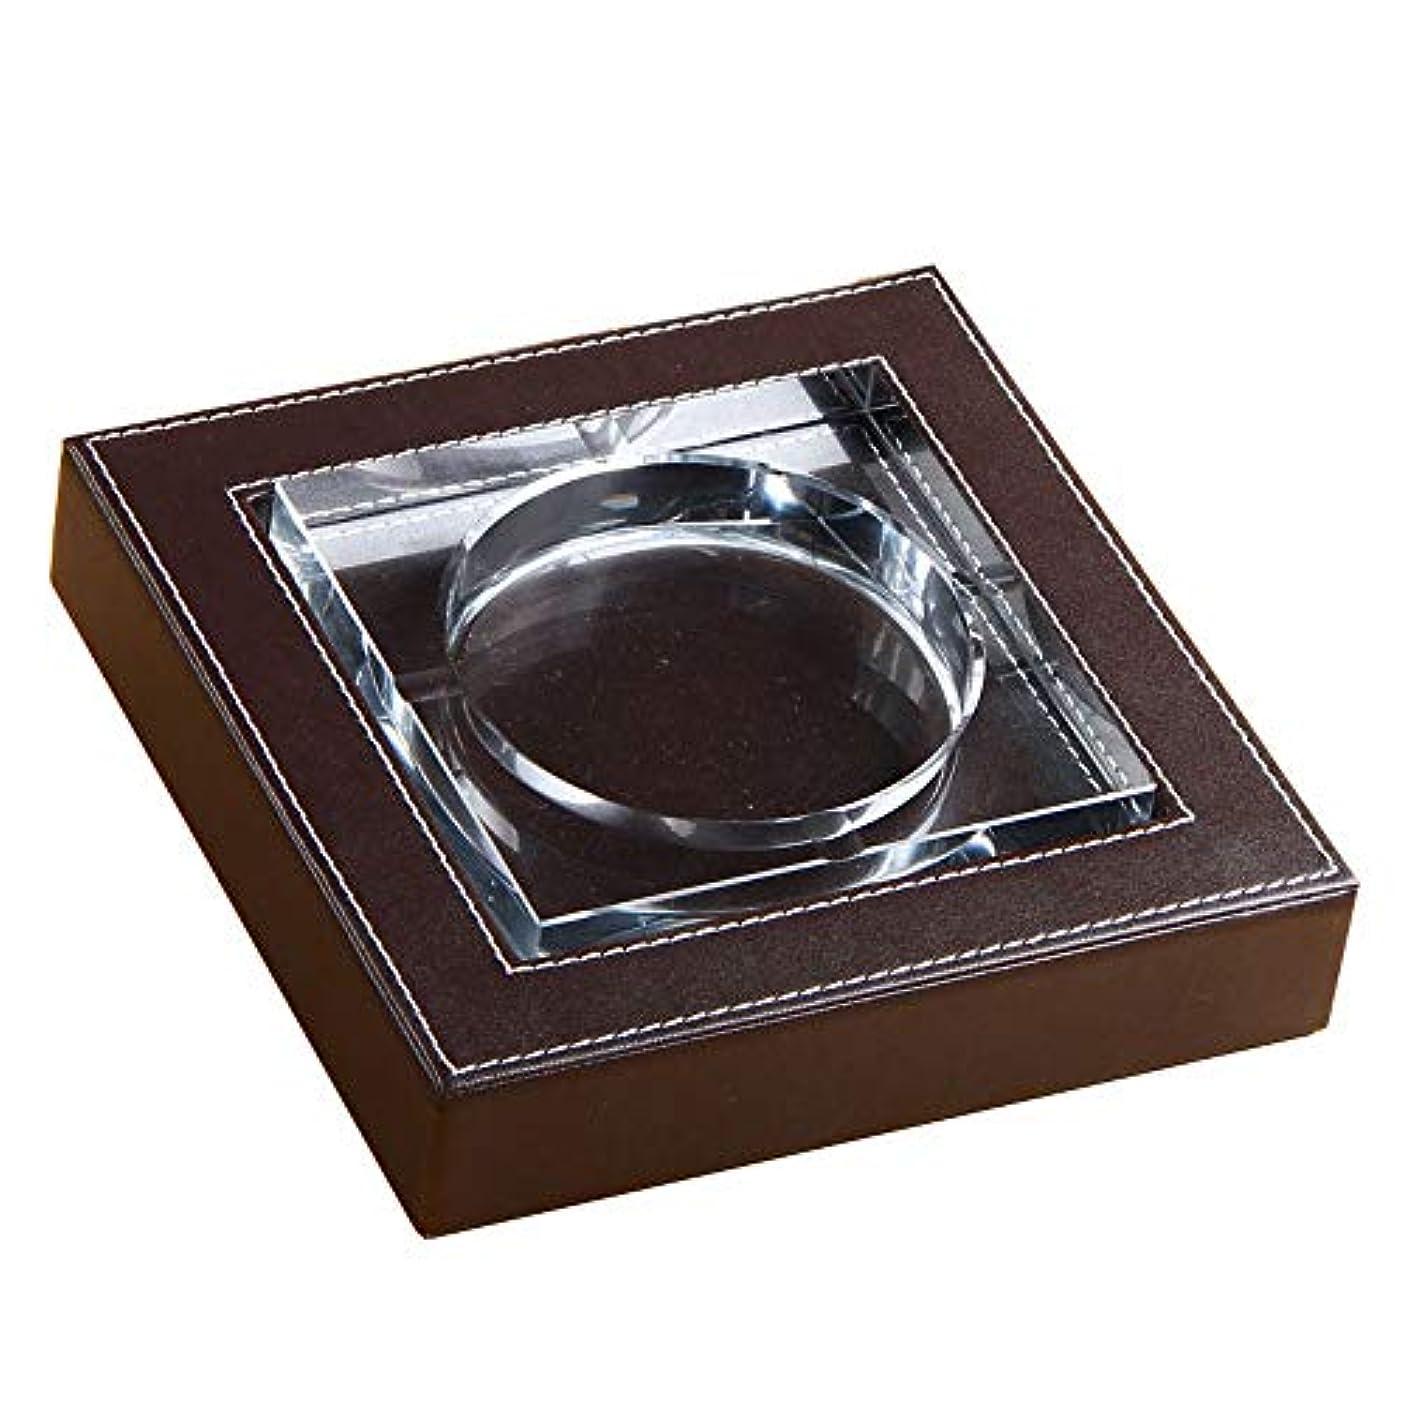 カテナ市民権衝撃屋内でクリスタル屋外喫煙者のための灰皿灰皿ホルダー、ホームオフィスの装飾のためのデスクトップの喫煙灰皿 (Size : S)